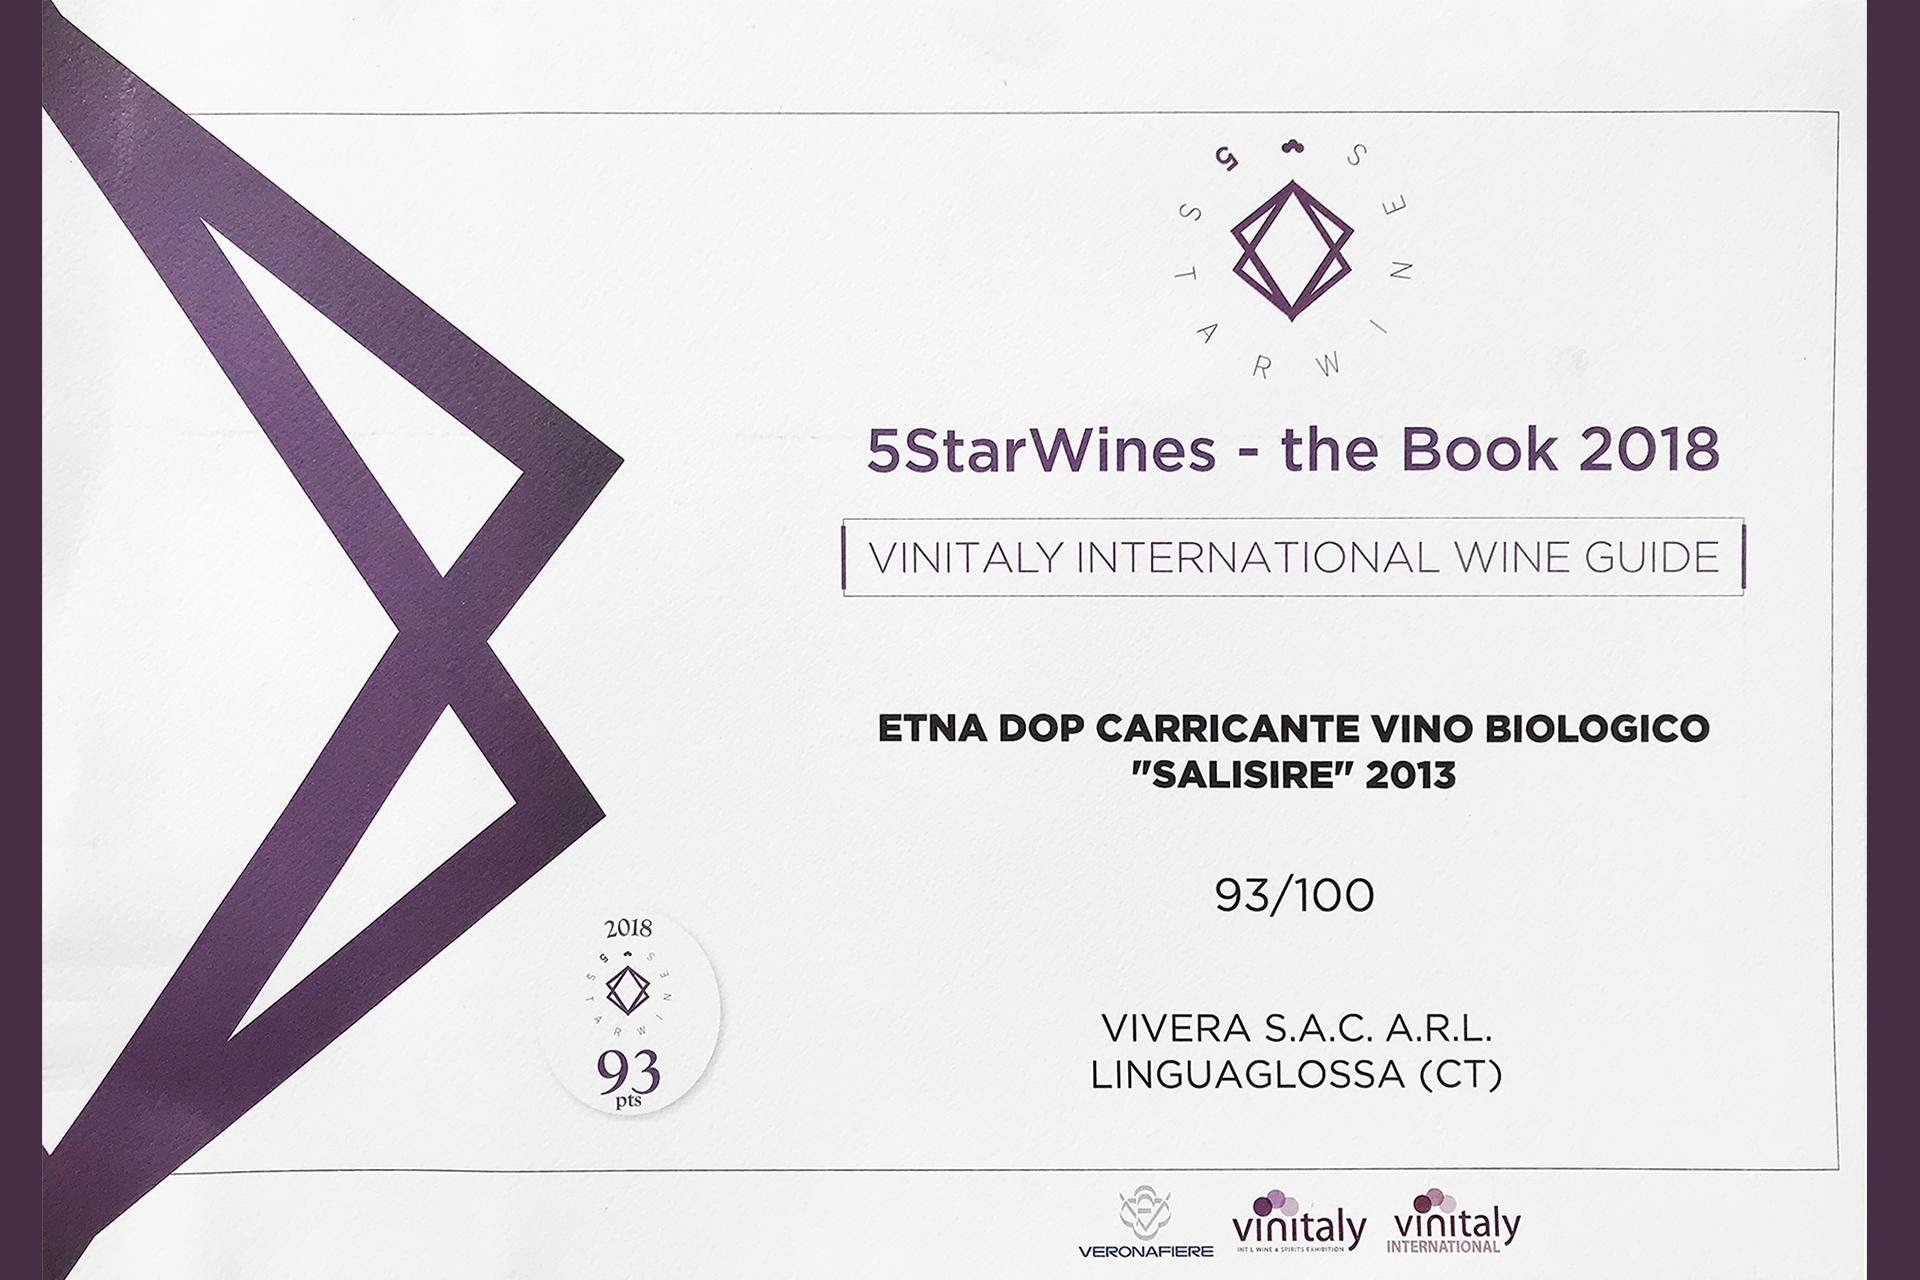 5StarWines Book 2018 Salisire 2013